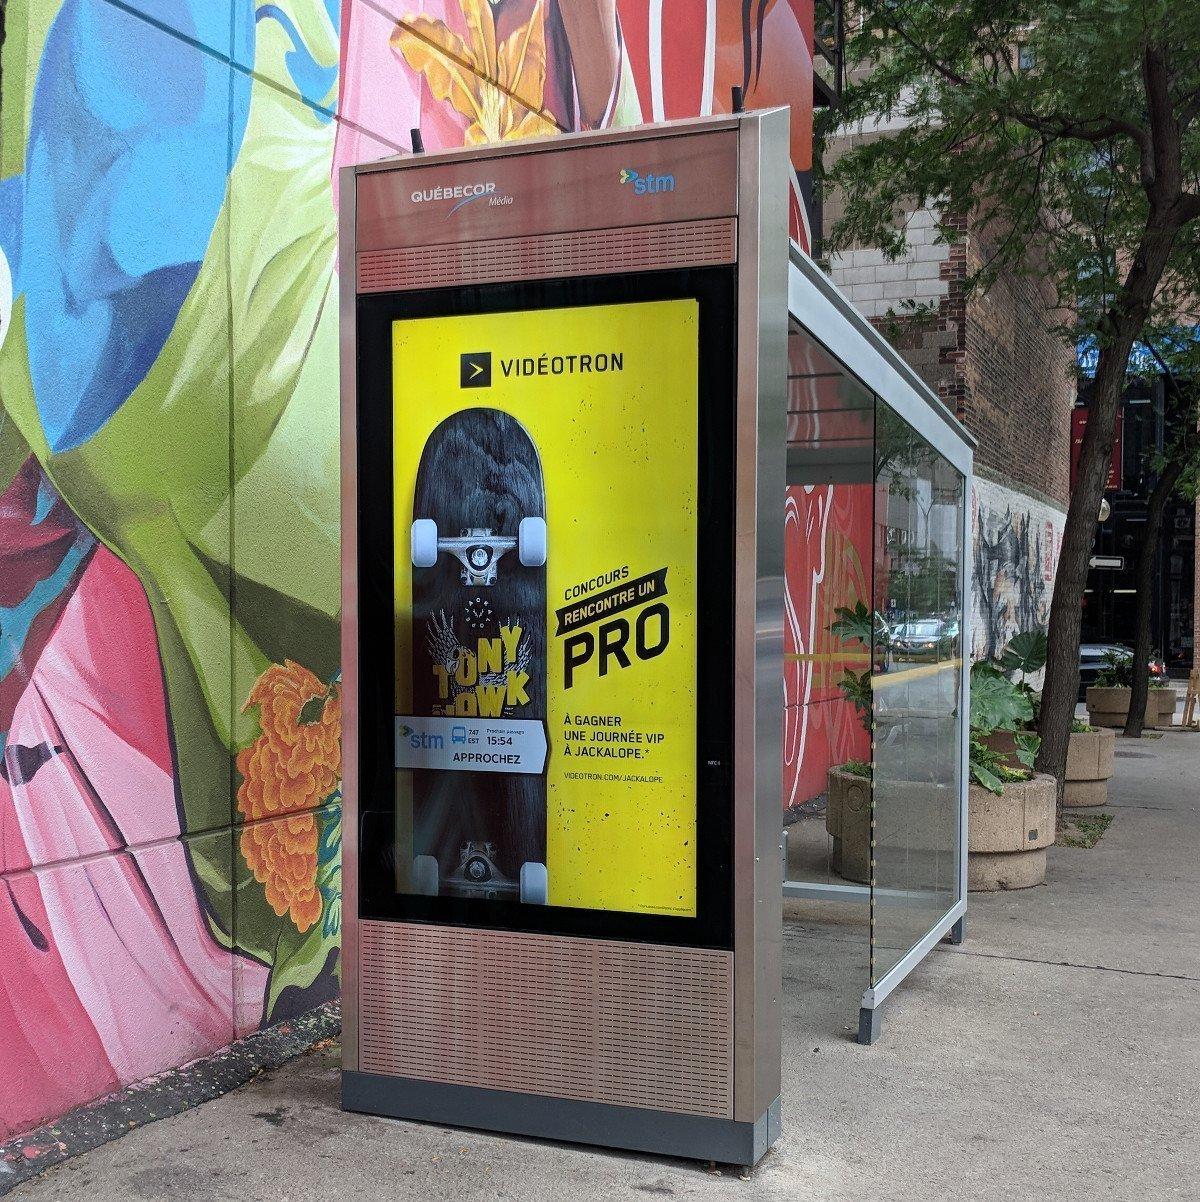 Werbung trifft auf Live-Verkehrsinformation in Montreal. Hinweis: Die schwarzen Flecken auf dem Screen sind den durch die Kamera verursachte Moiré-Effekt (Foto: invidis)